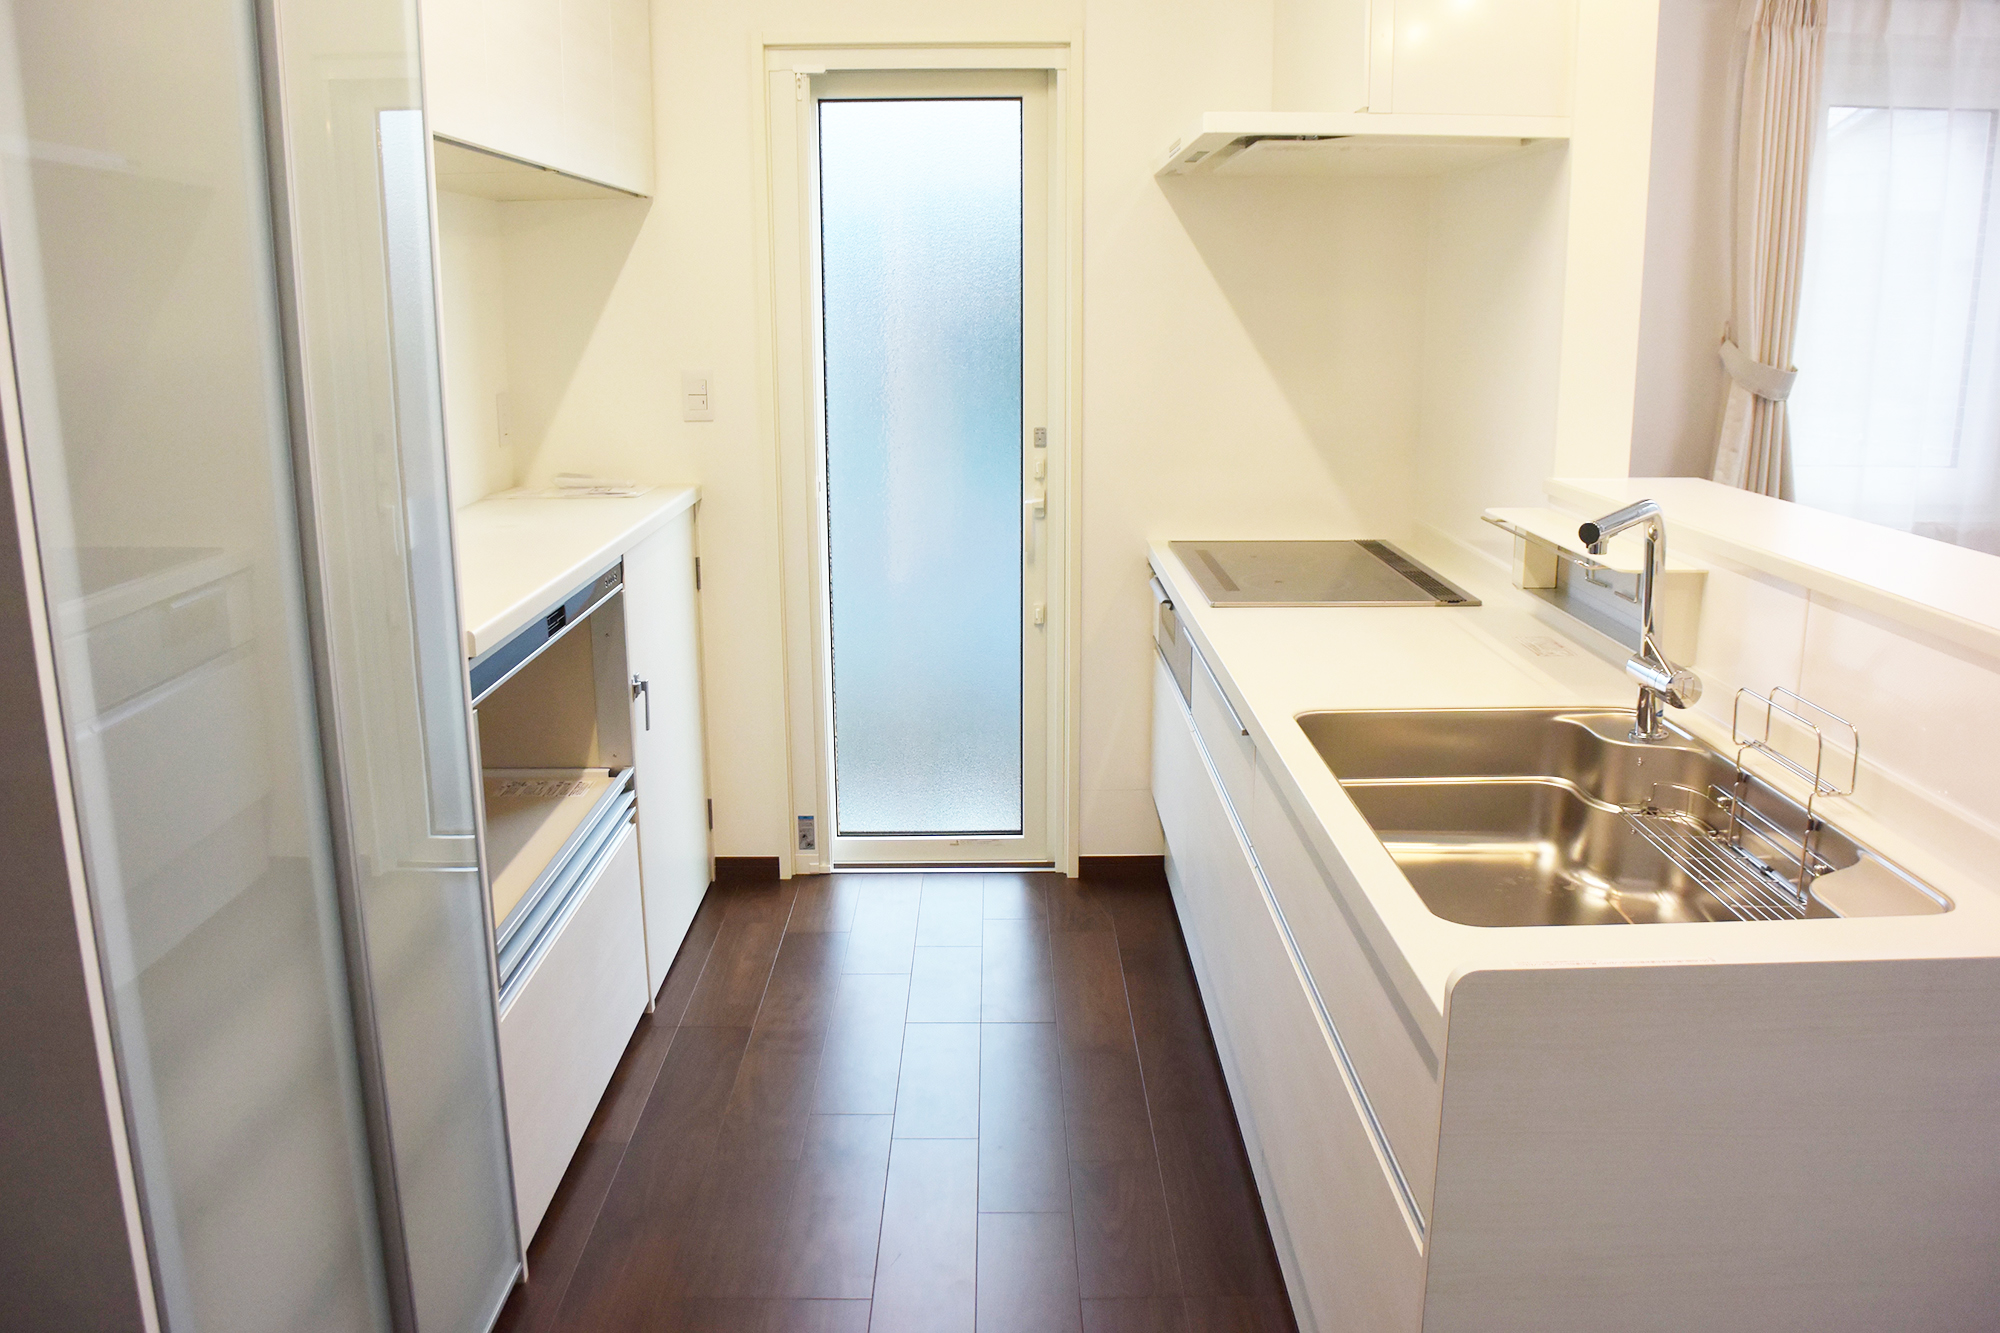 お揃いのウォールキャビネットも配置され清潔で素敵なキッチンスペースとなっています。